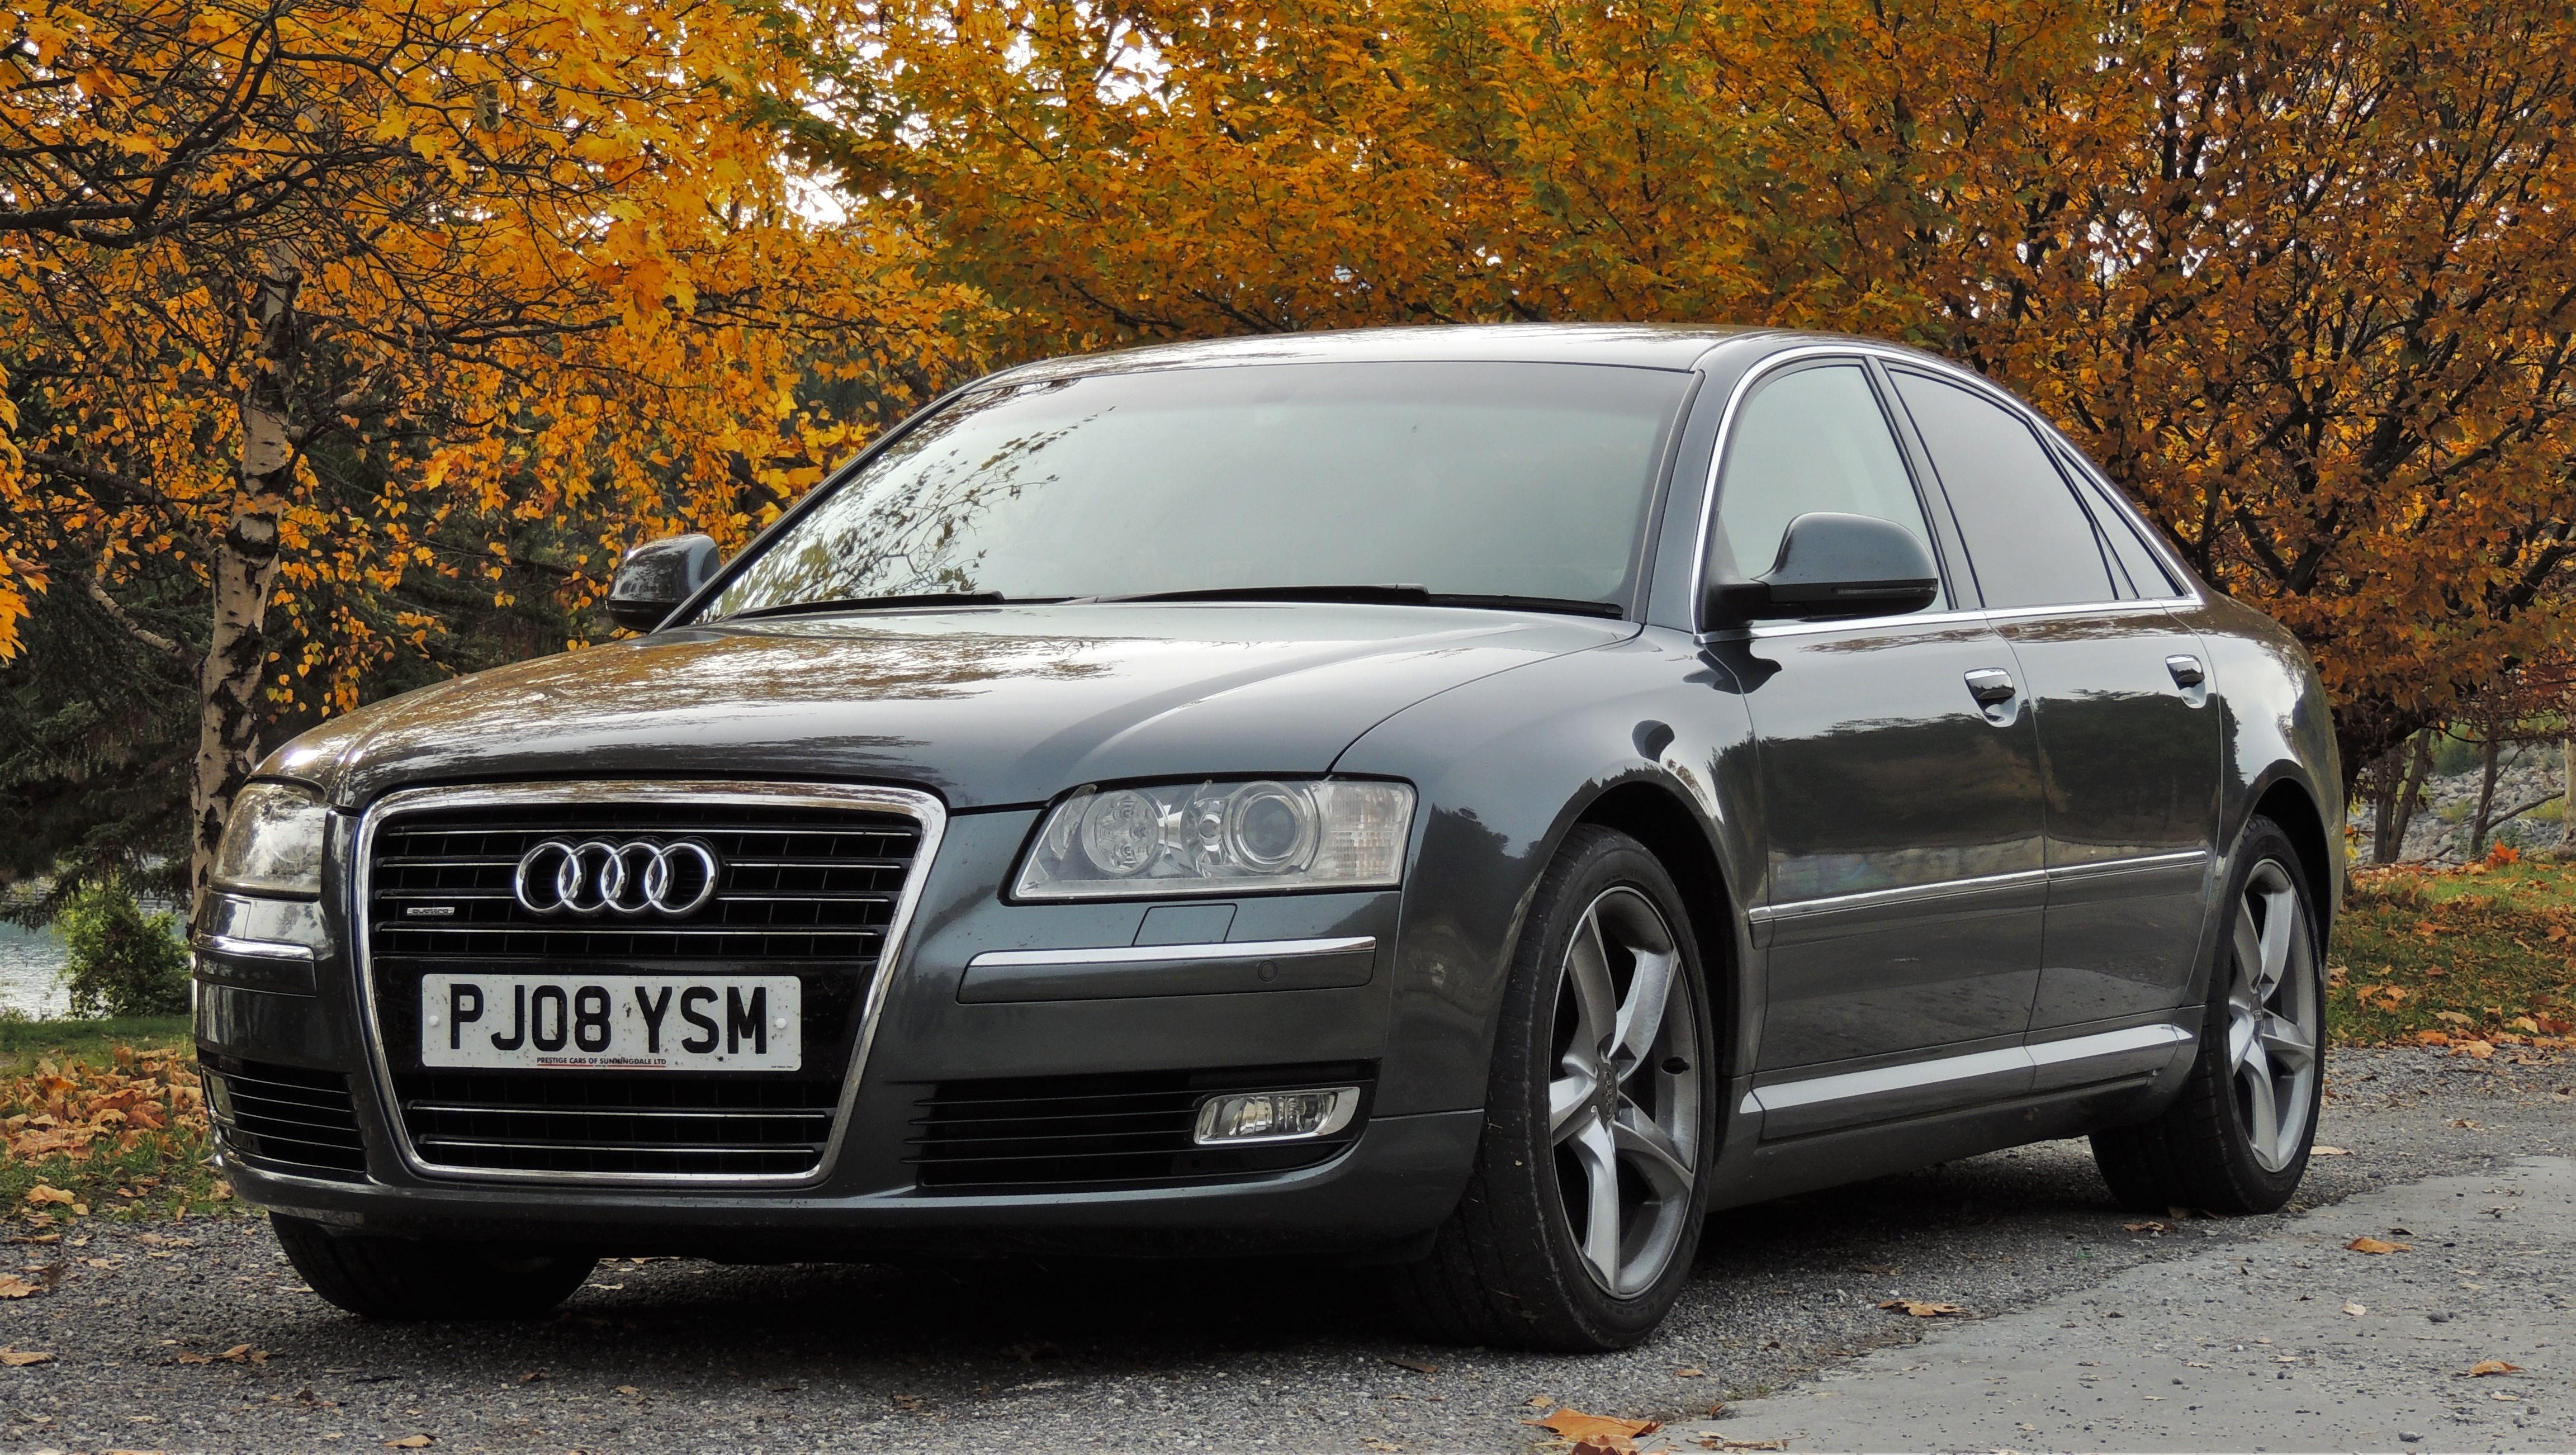 Kekurangan Audi A8 4.2 Murah Berkualitas